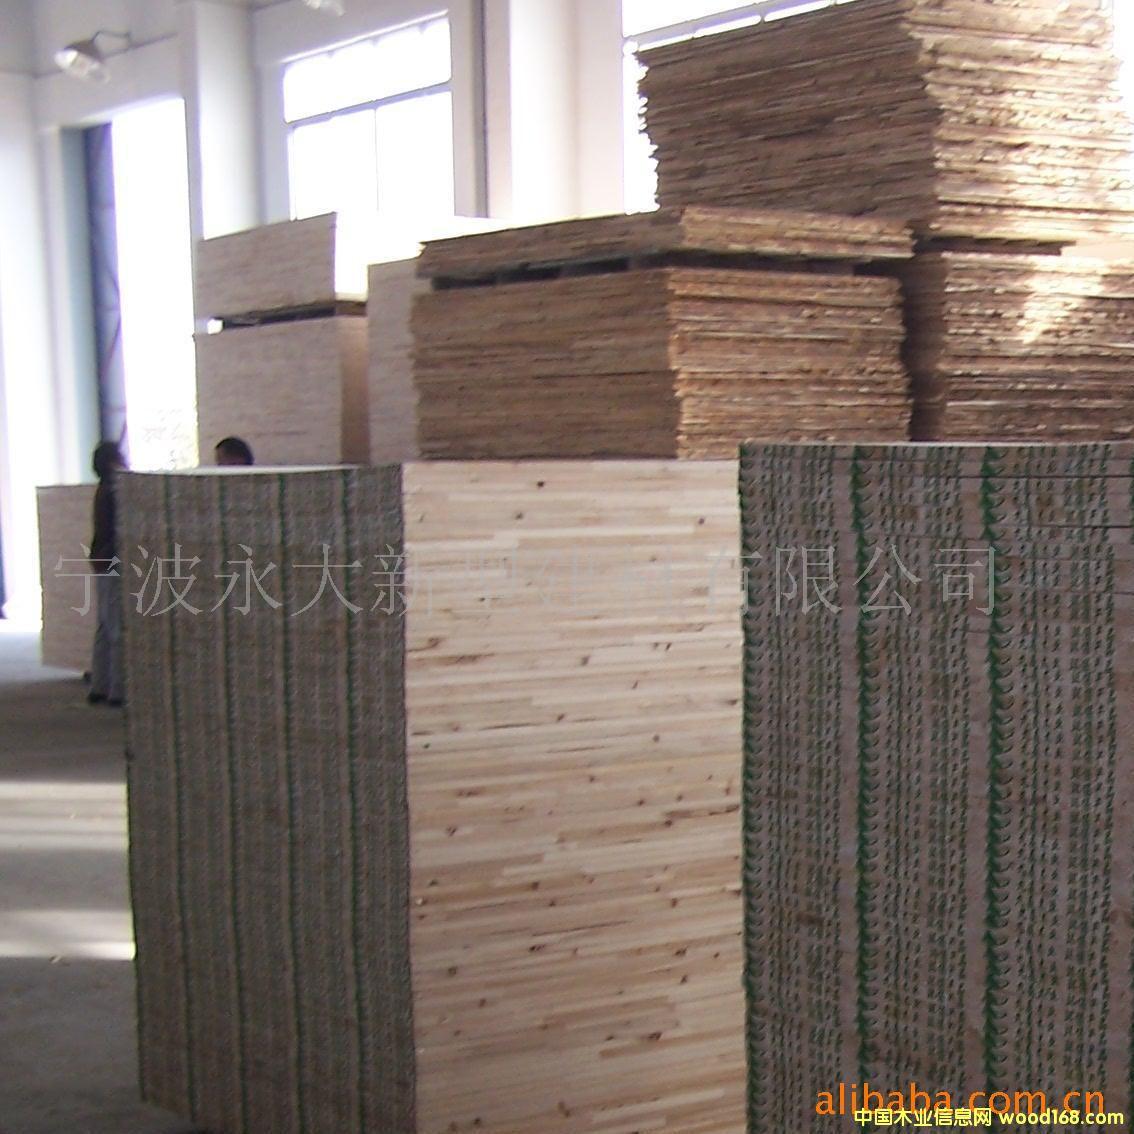 细木工板(九森品牌)的详细介绍